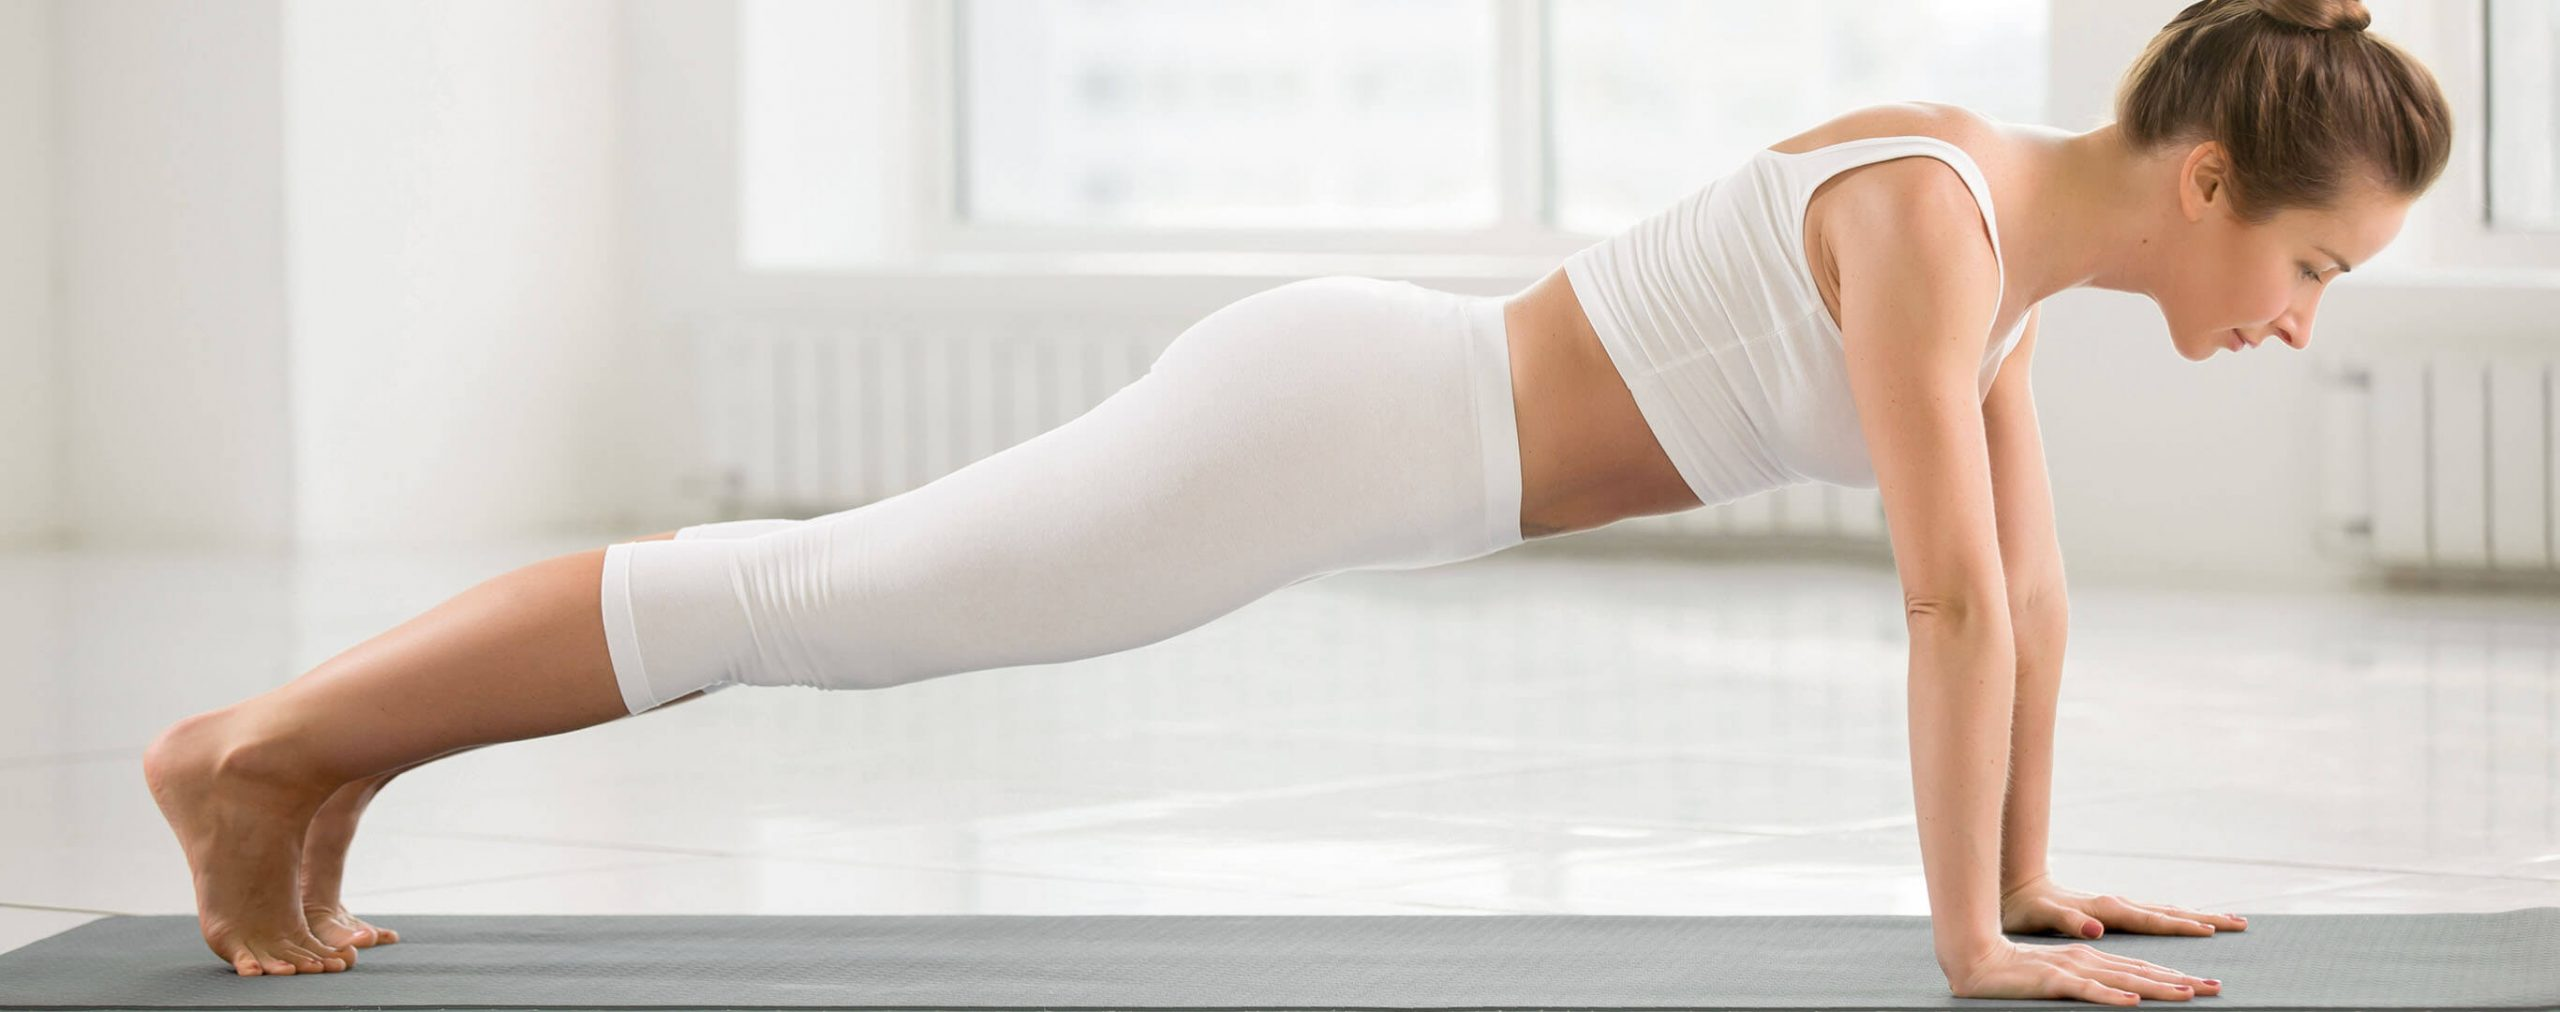 Uebung zur Rueckbildung der Rektusdiastase nach der Geburt. Bauchmuskeltraining fuer Muetter